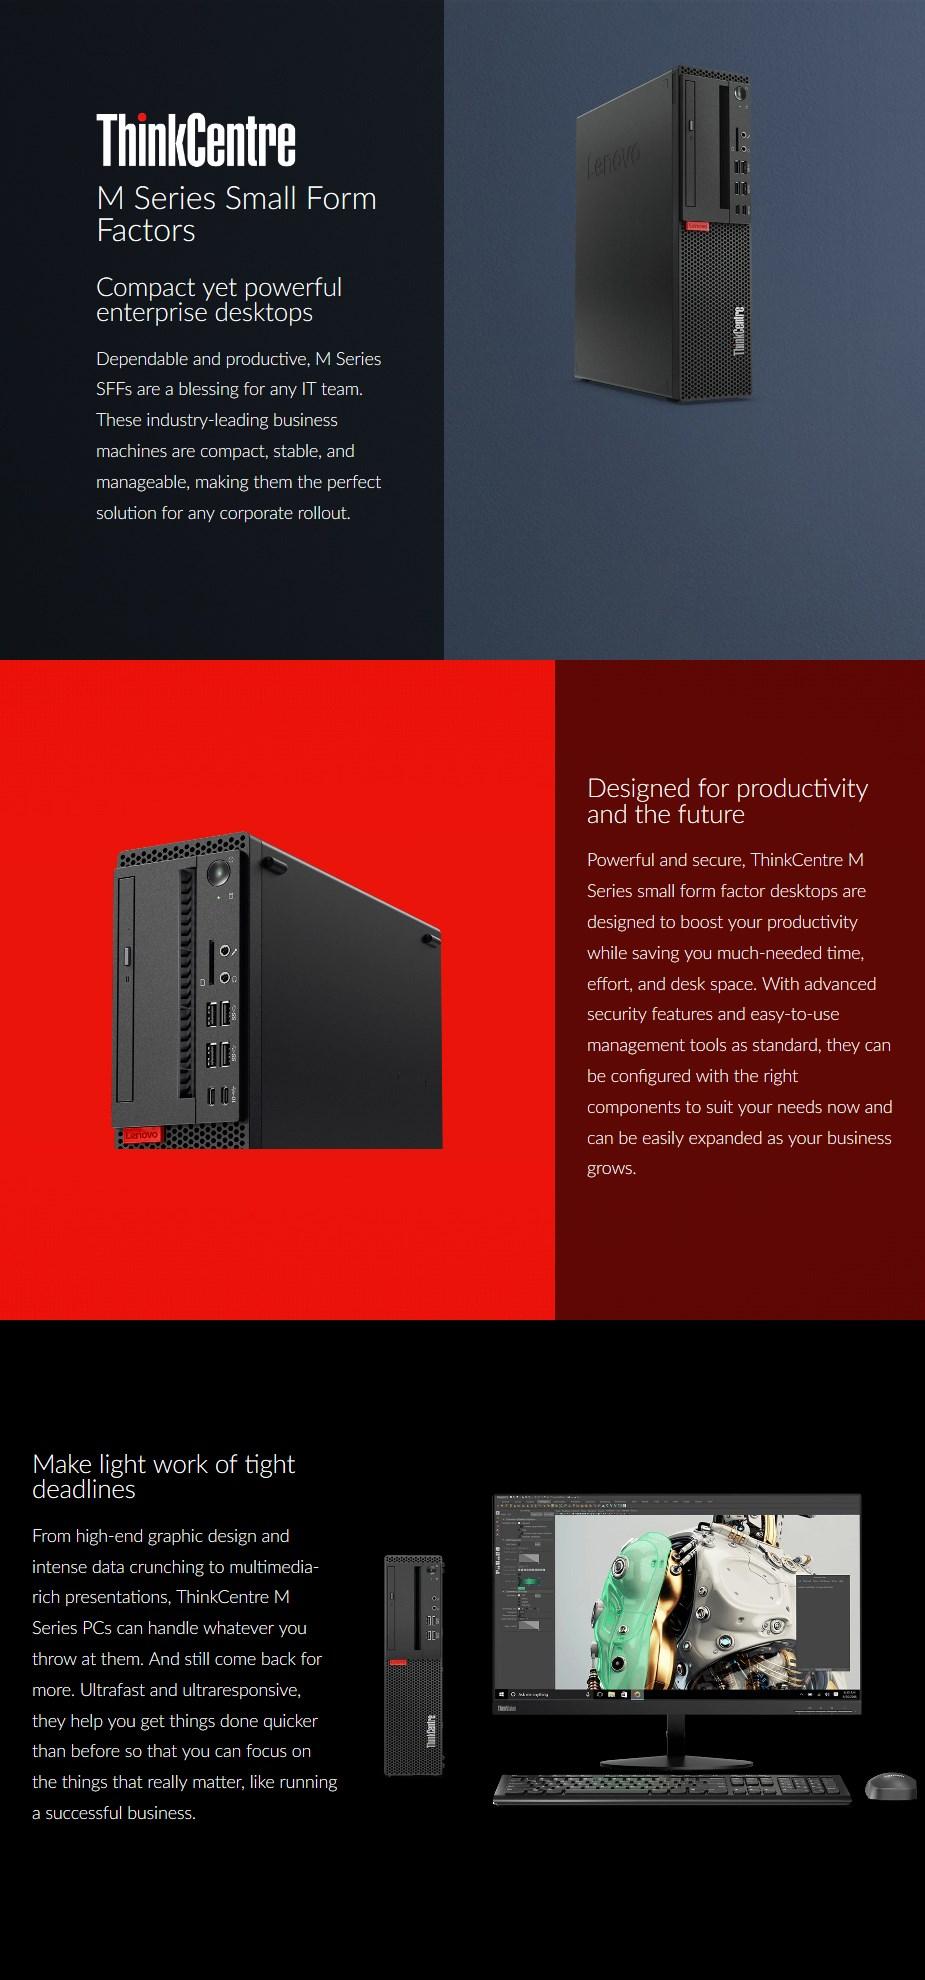 Lenovo M720S SFF PC i7-9700 8GB 256GB Win10 Pro - Desktop Overview 1